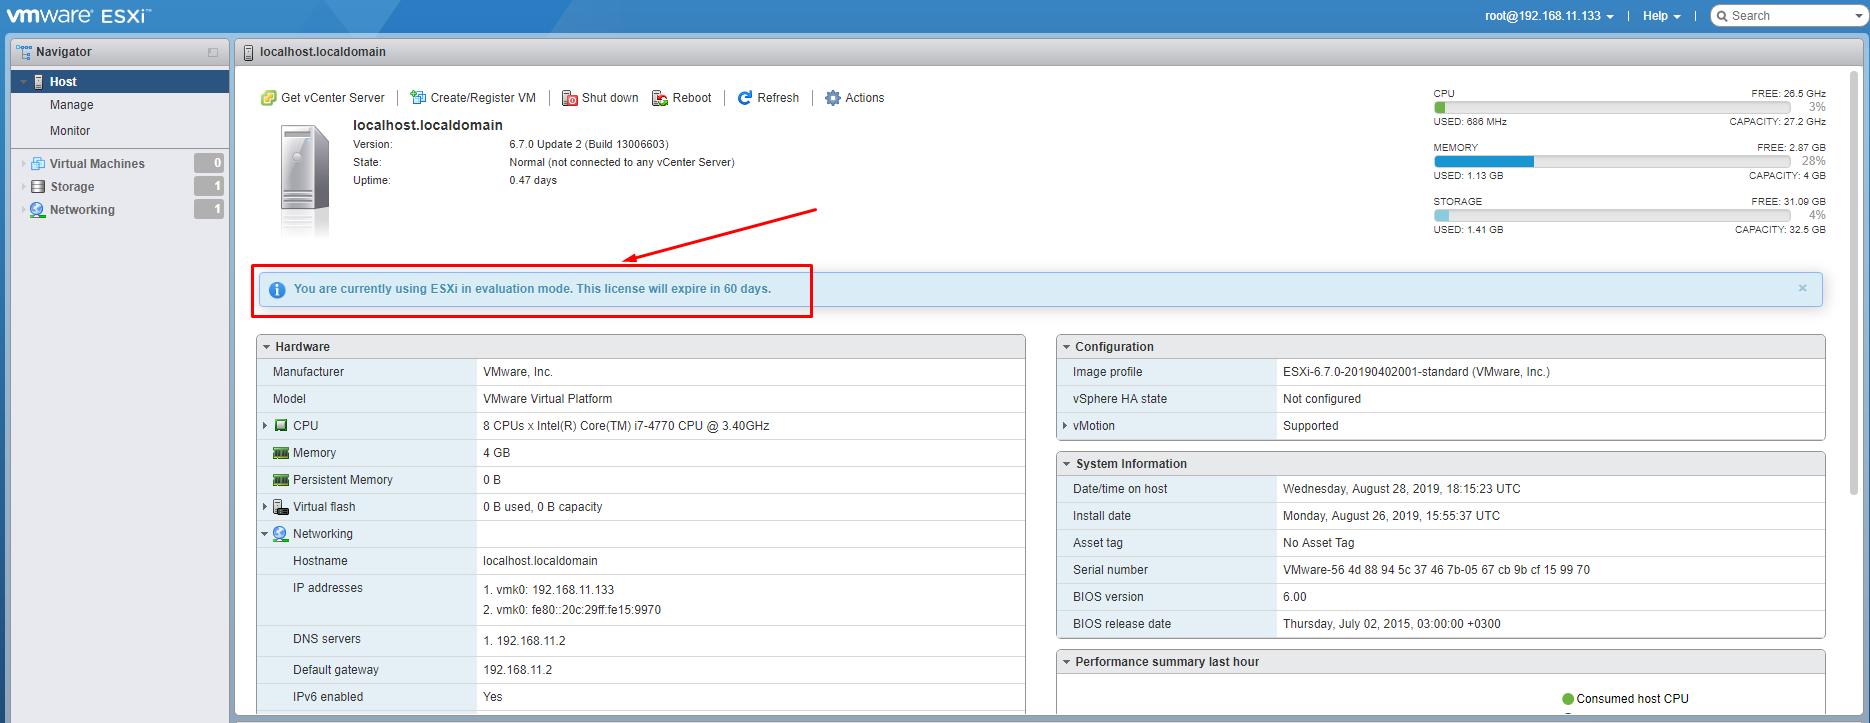 ESXi Web Client Interface